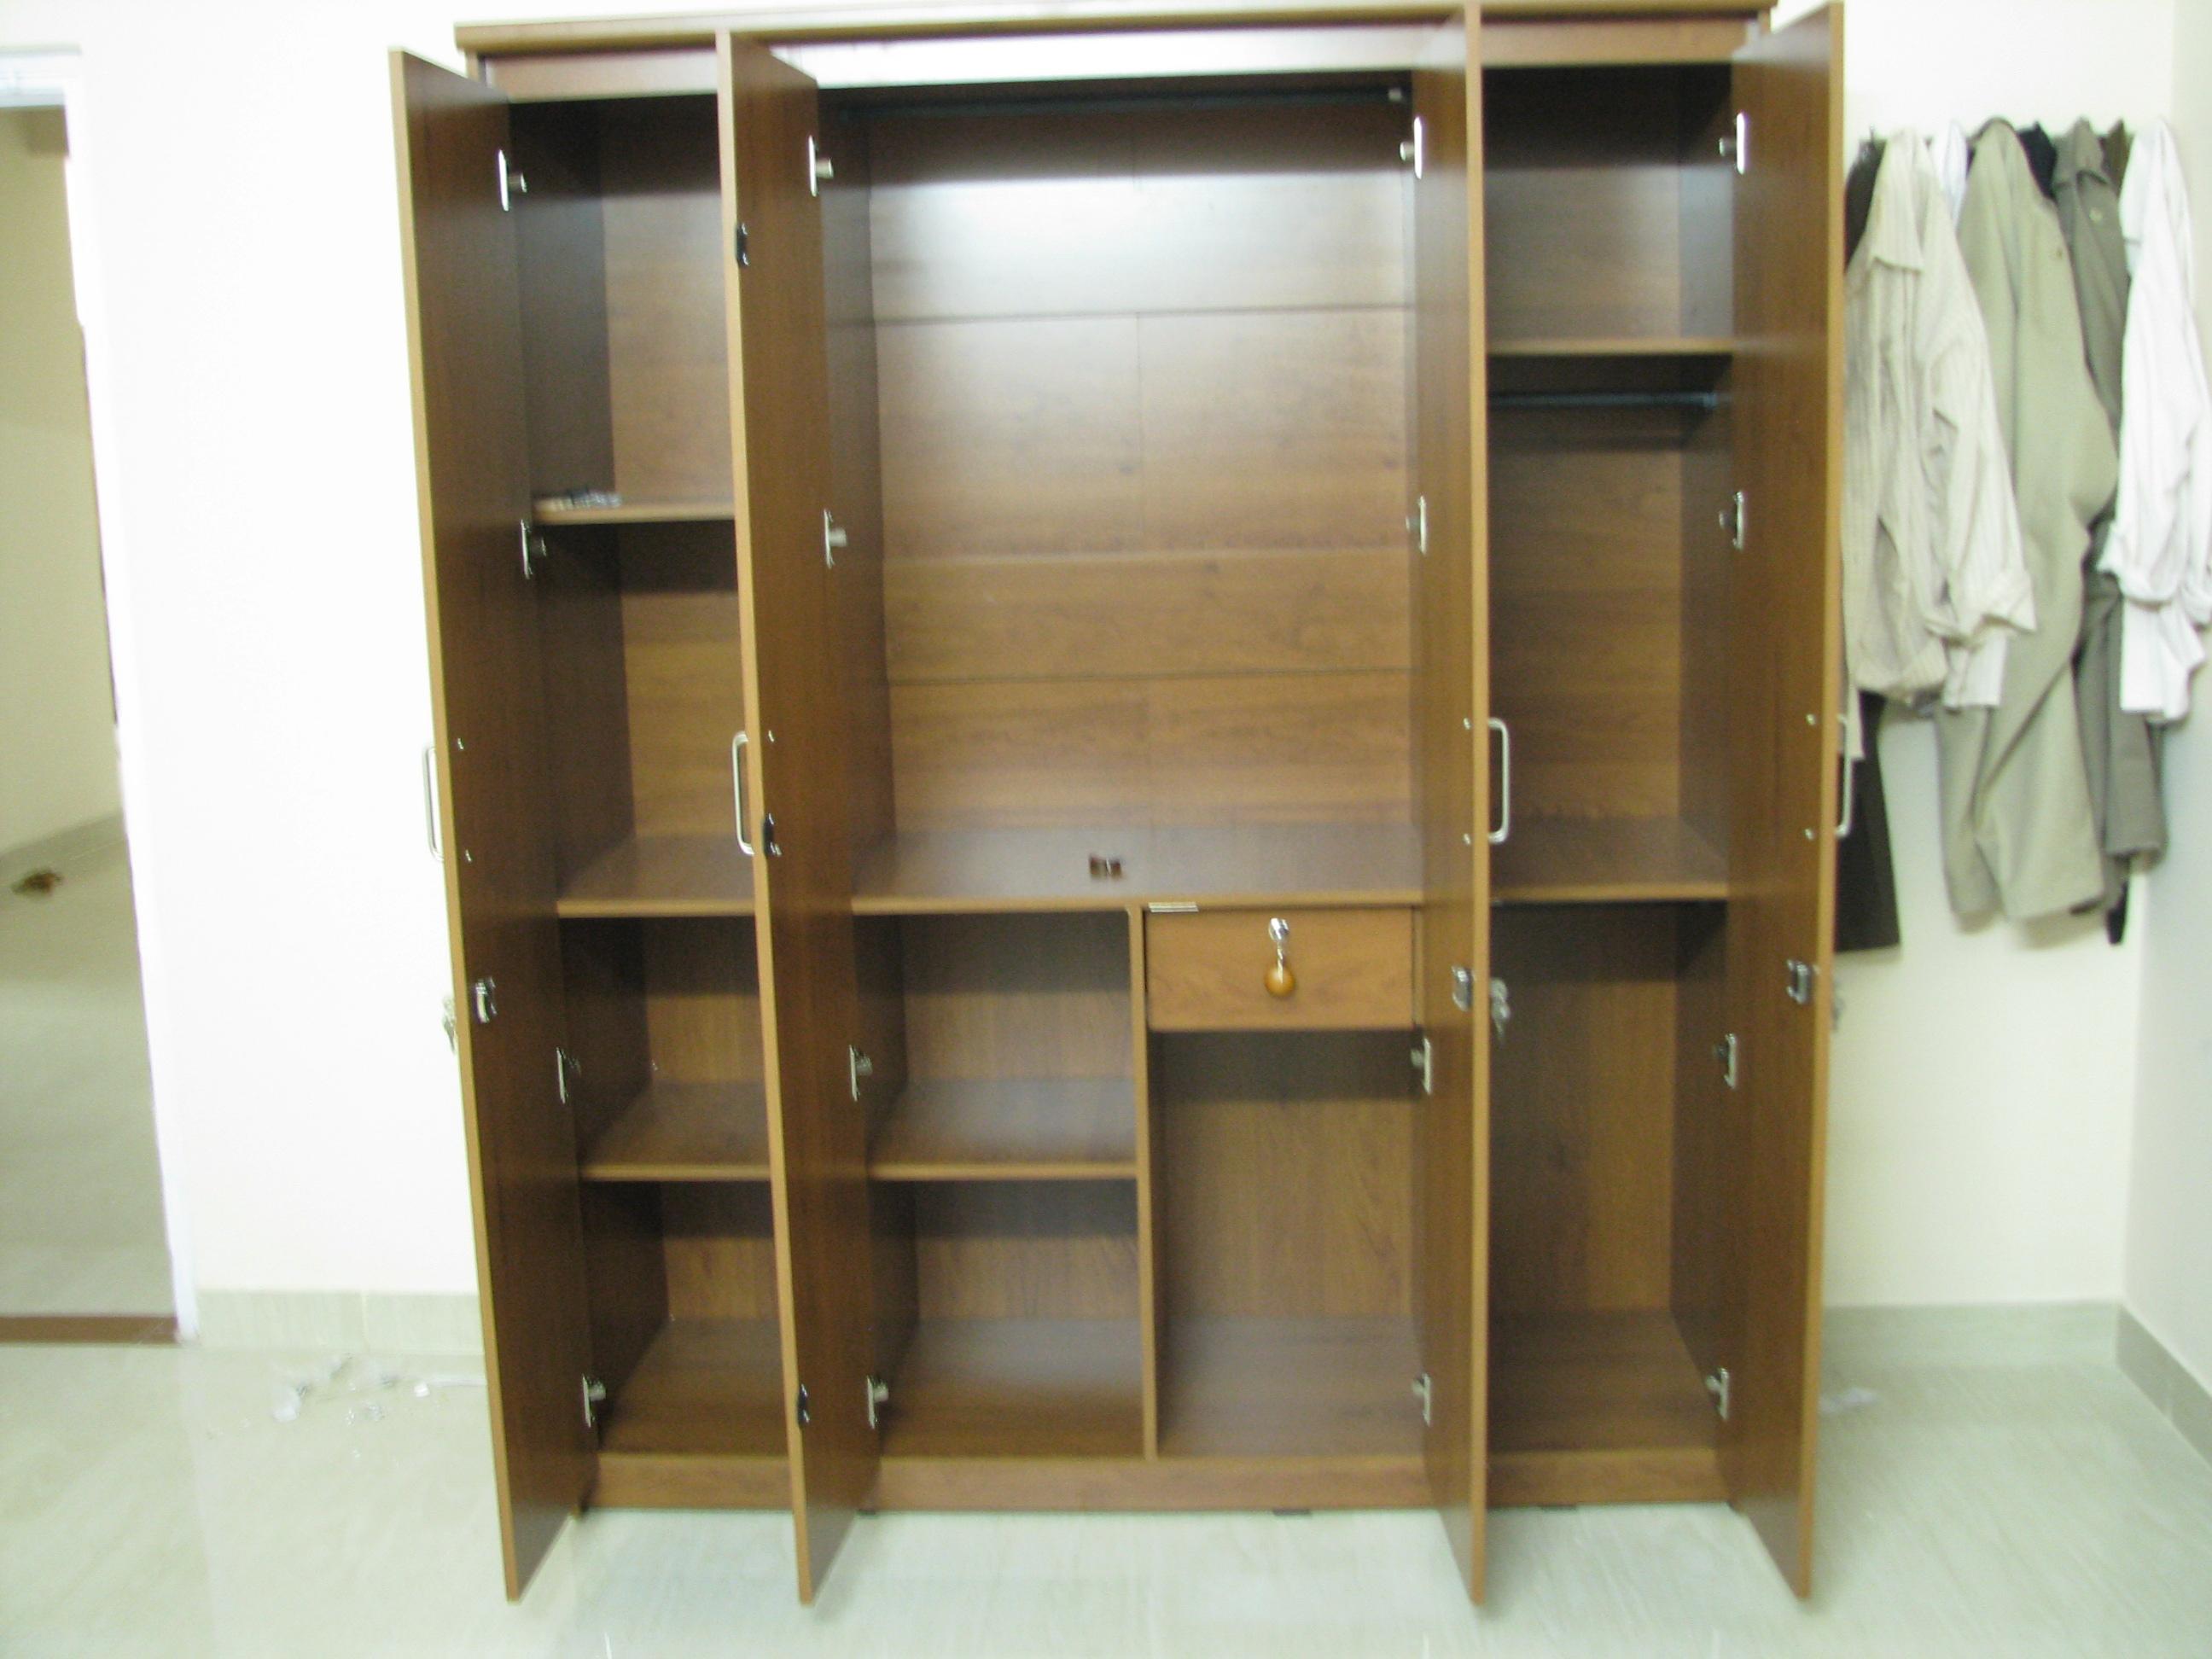 Apartment Size Furniture File:Zuari Furniture 4 Door 6-17-2011 7-33-57 PM.JPG - Wikimedia ...